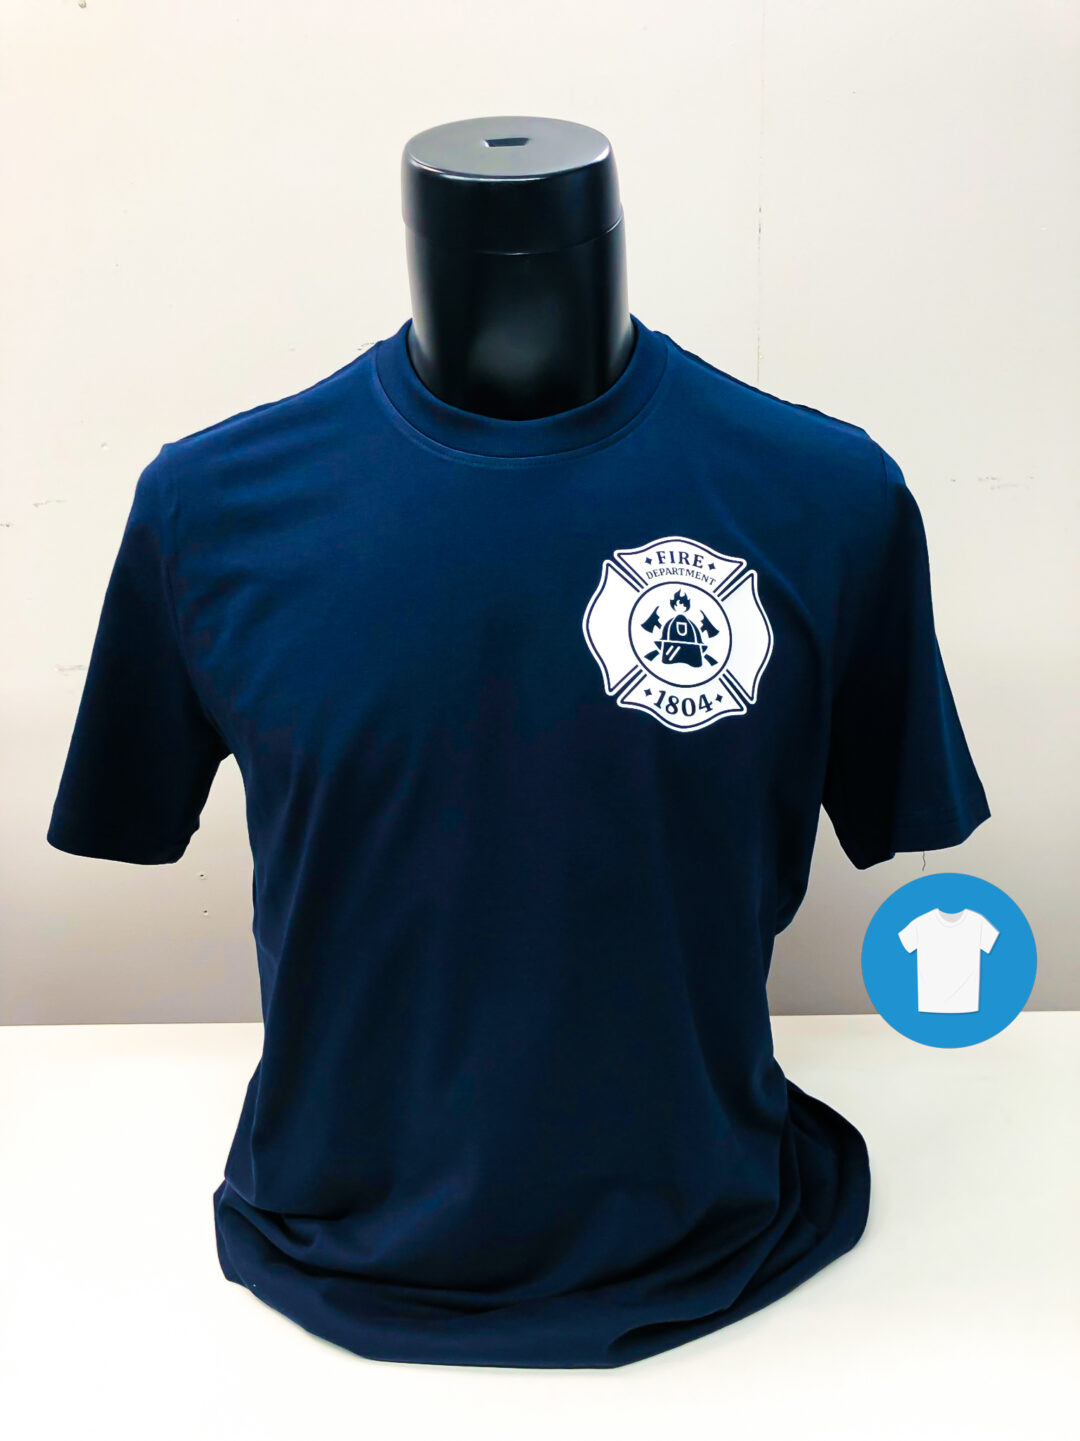 Signaal Bedrijfskleding // Brandweer Steenderen // T-Shirts bedrukt met een door ons ontworpen beeldmerk